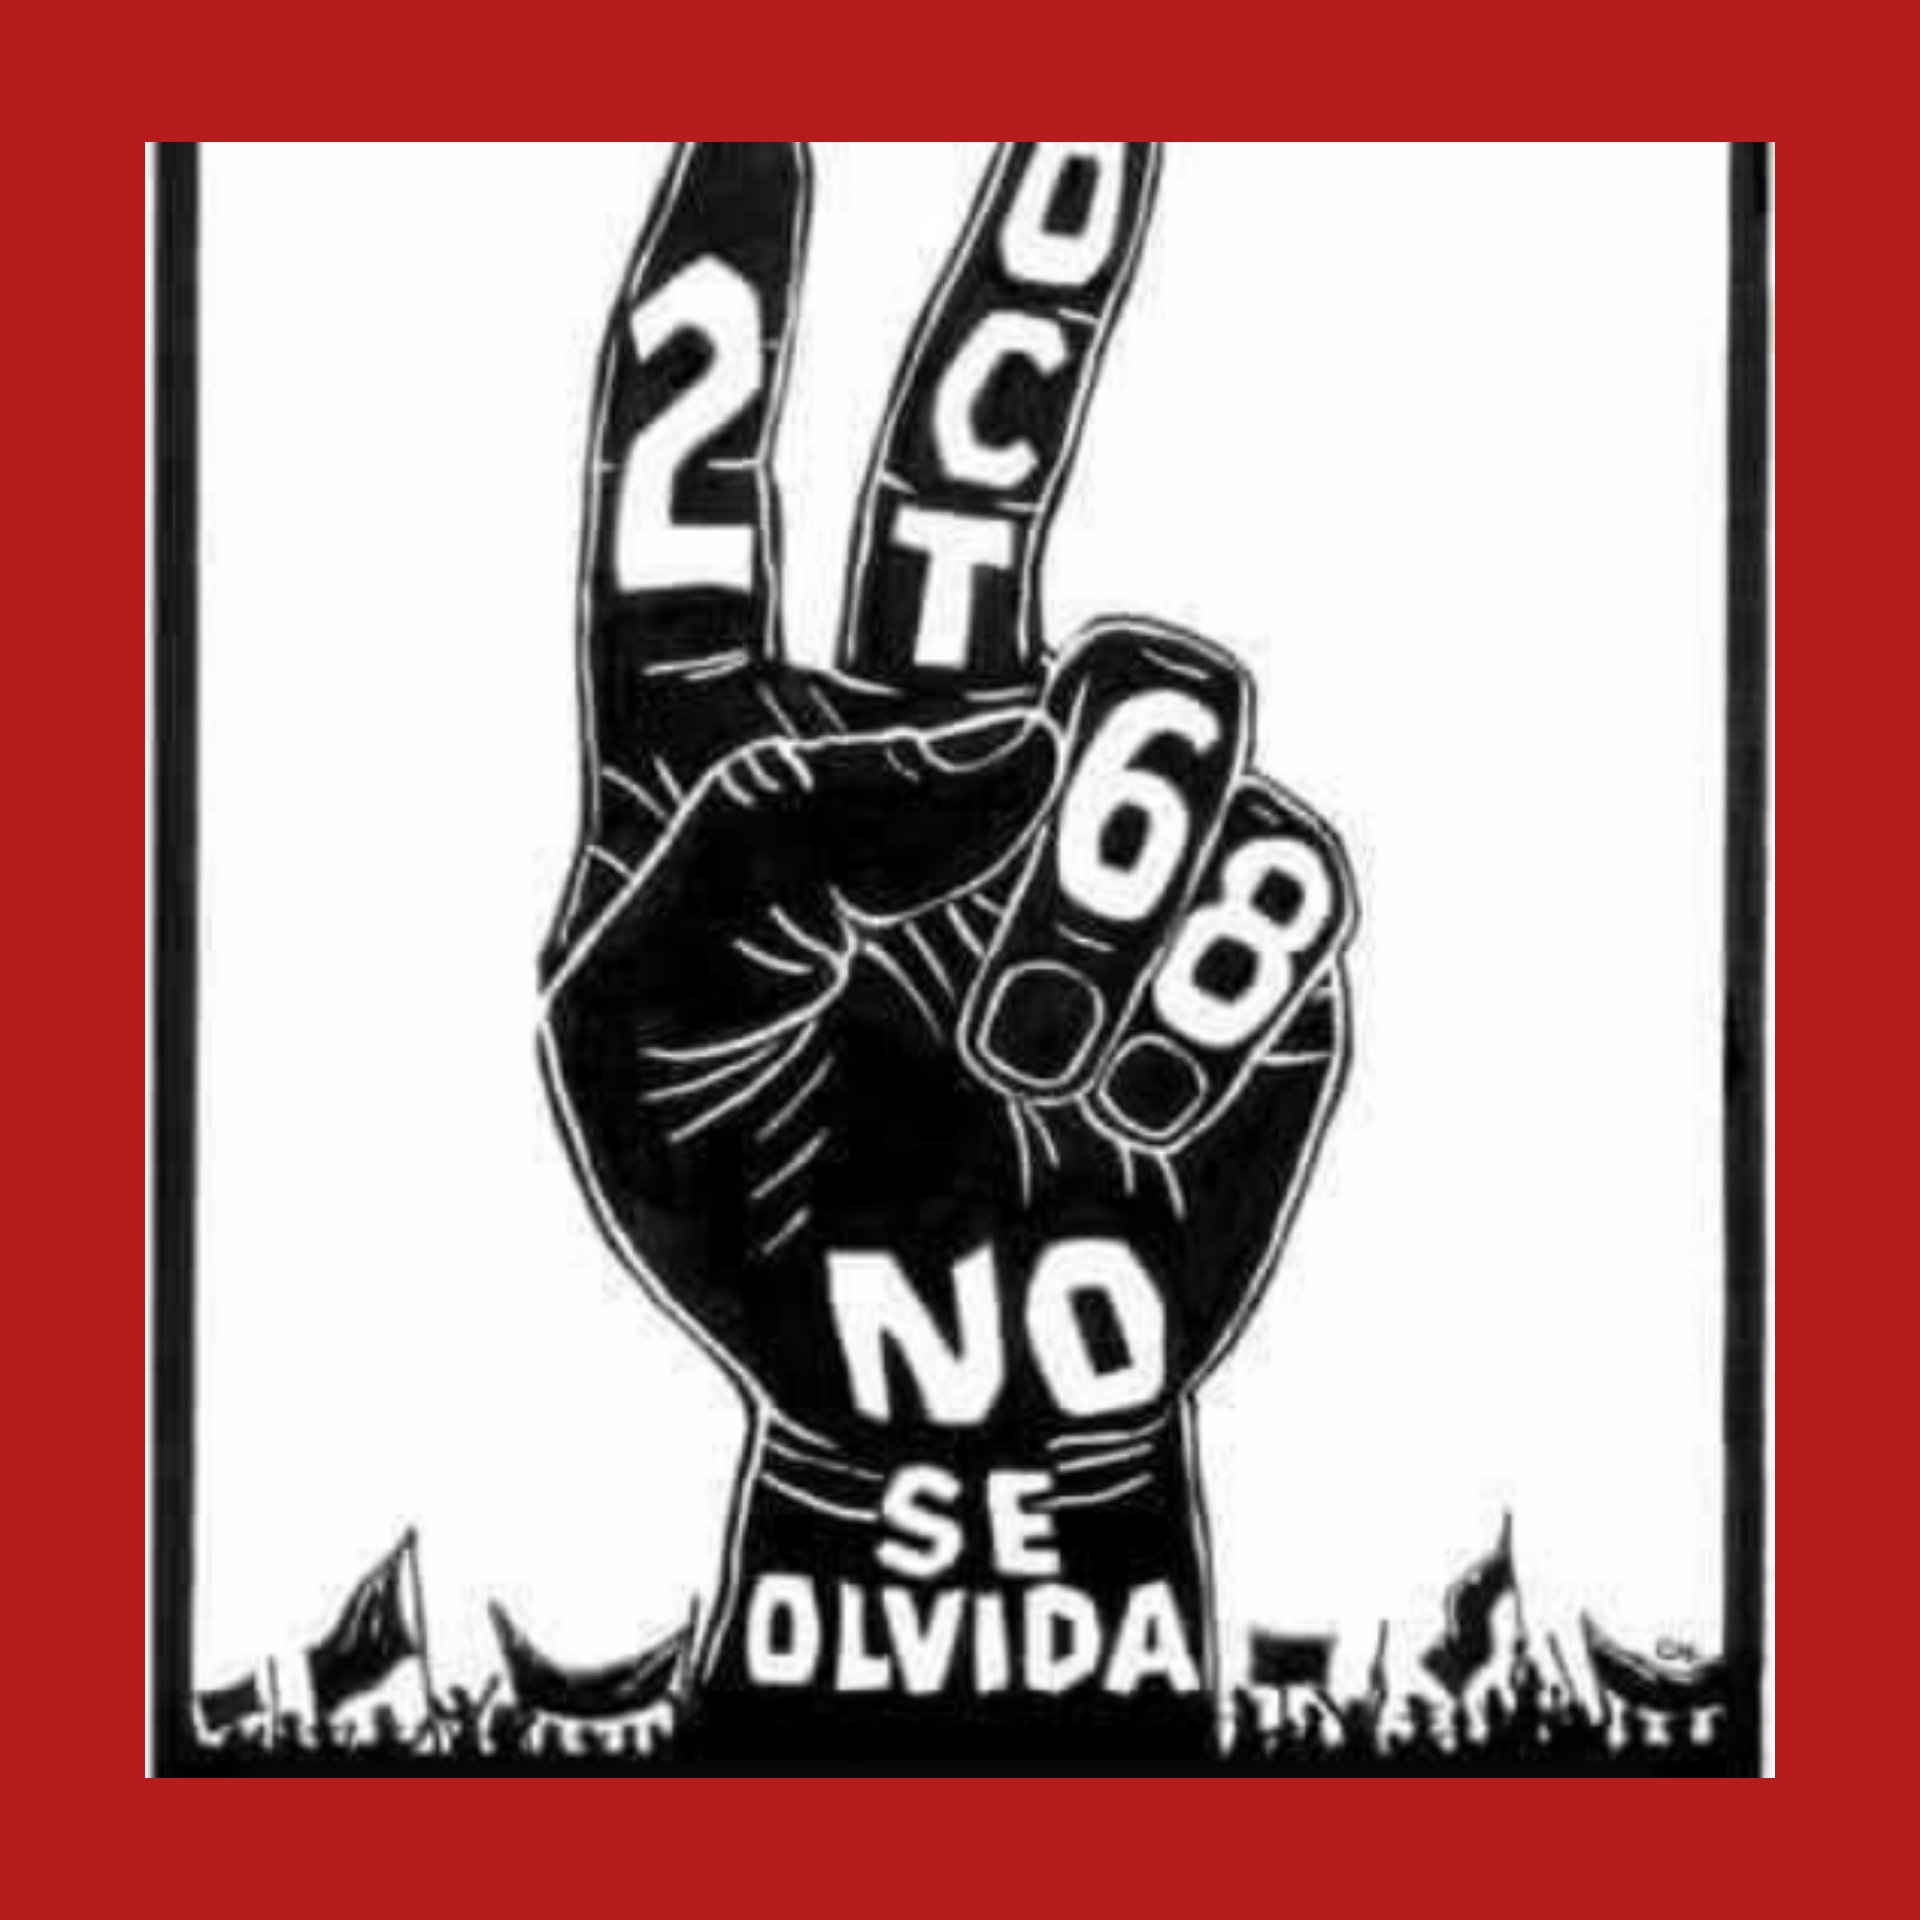 CON MOTIVO DE LOS 53 AÑOS DEL 2 DE OCTUBRE DEL 68 SE PROYECTAN PELÍCULAS Y DOCUMENTALES